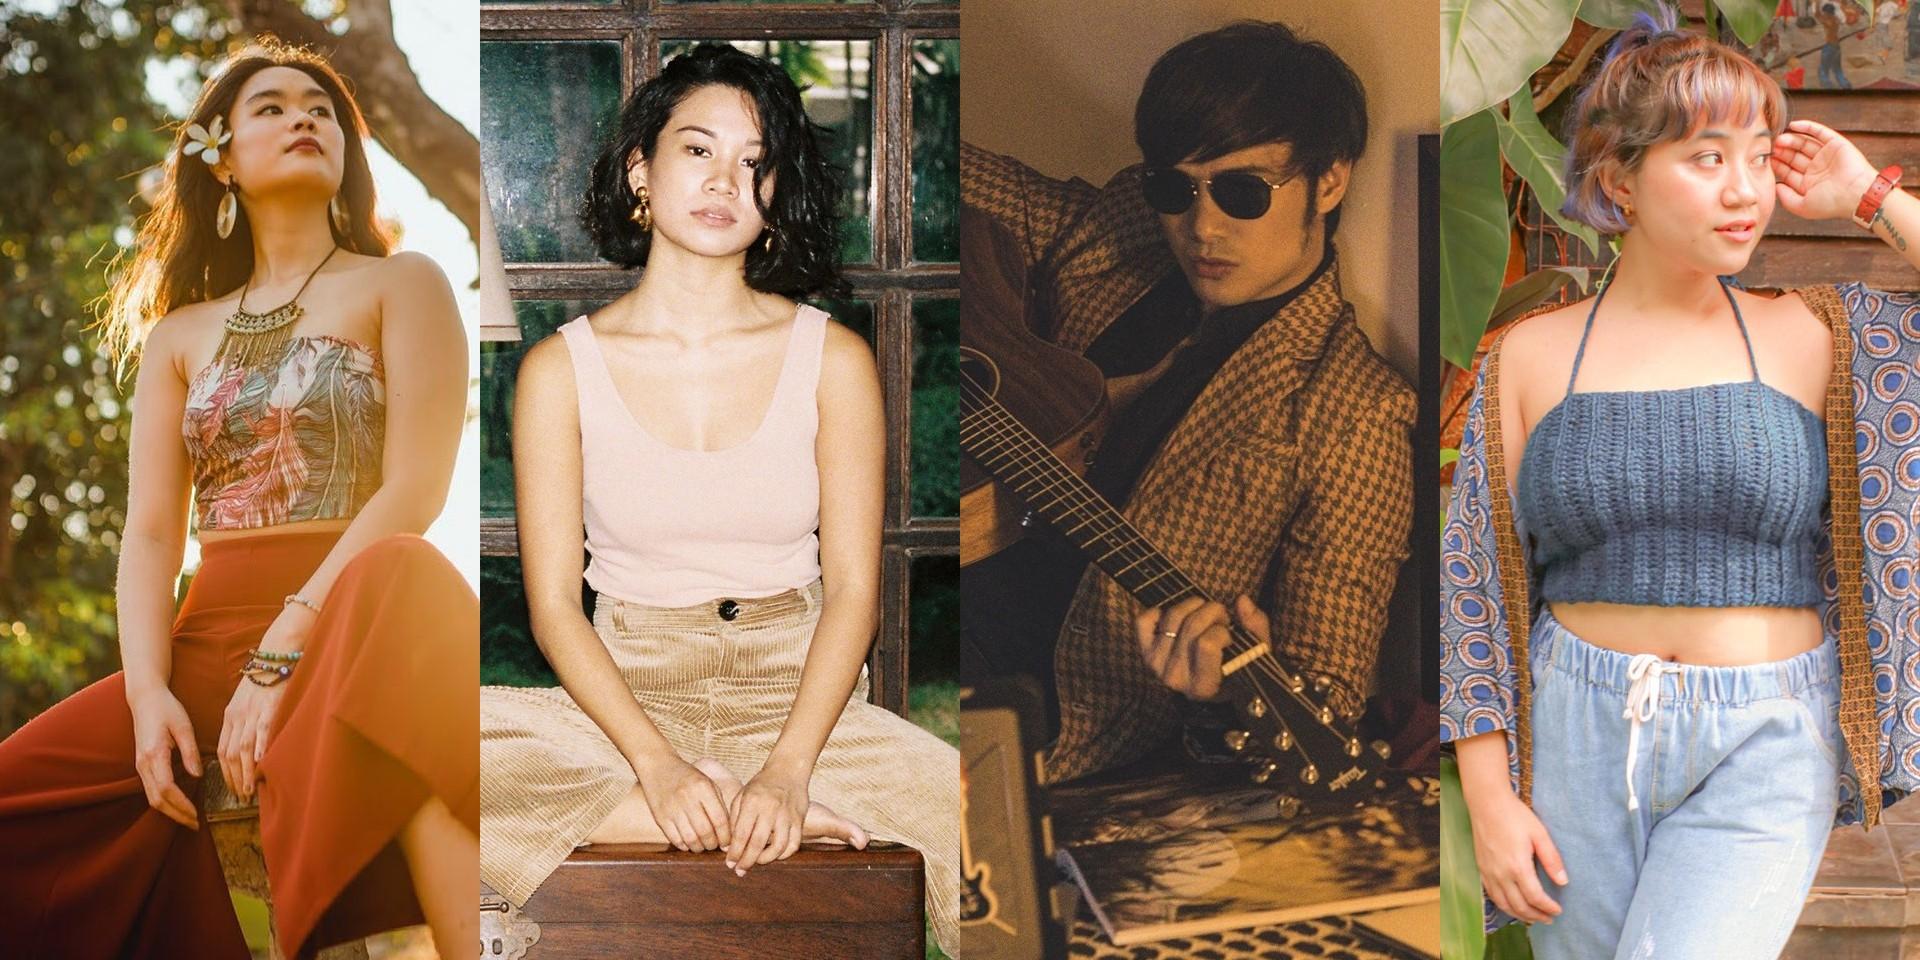 Rice Lucido, Bea Lorenzo, Kean Cipriano, Coeli, and more release new music – listen